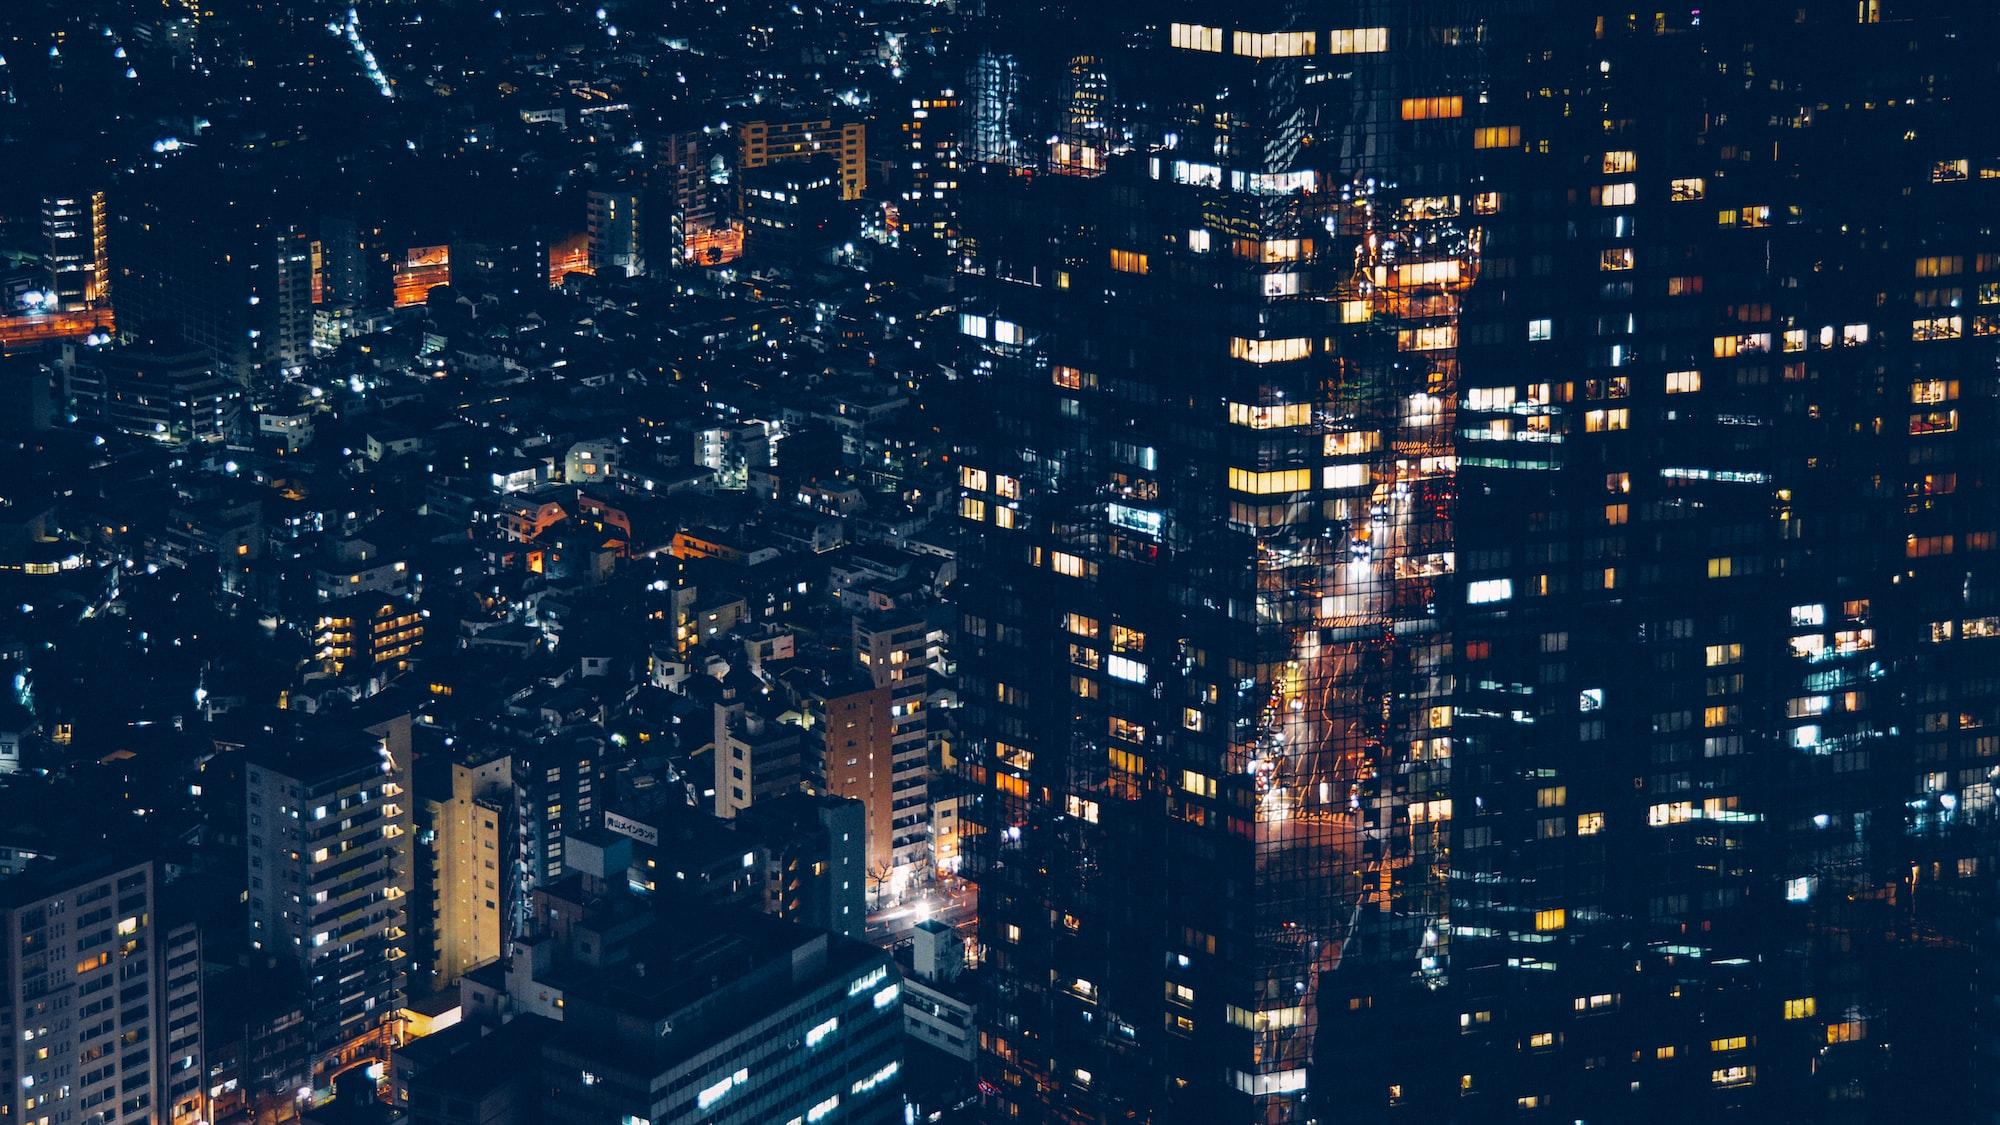 Dados imobiliários não são apenas índices estritamente relacionados a imóveis, mas qualquer dado que ajude a entender a dinâmica social, econômica e geoespacial da região. Photo by Jannes Glas / Unsplash